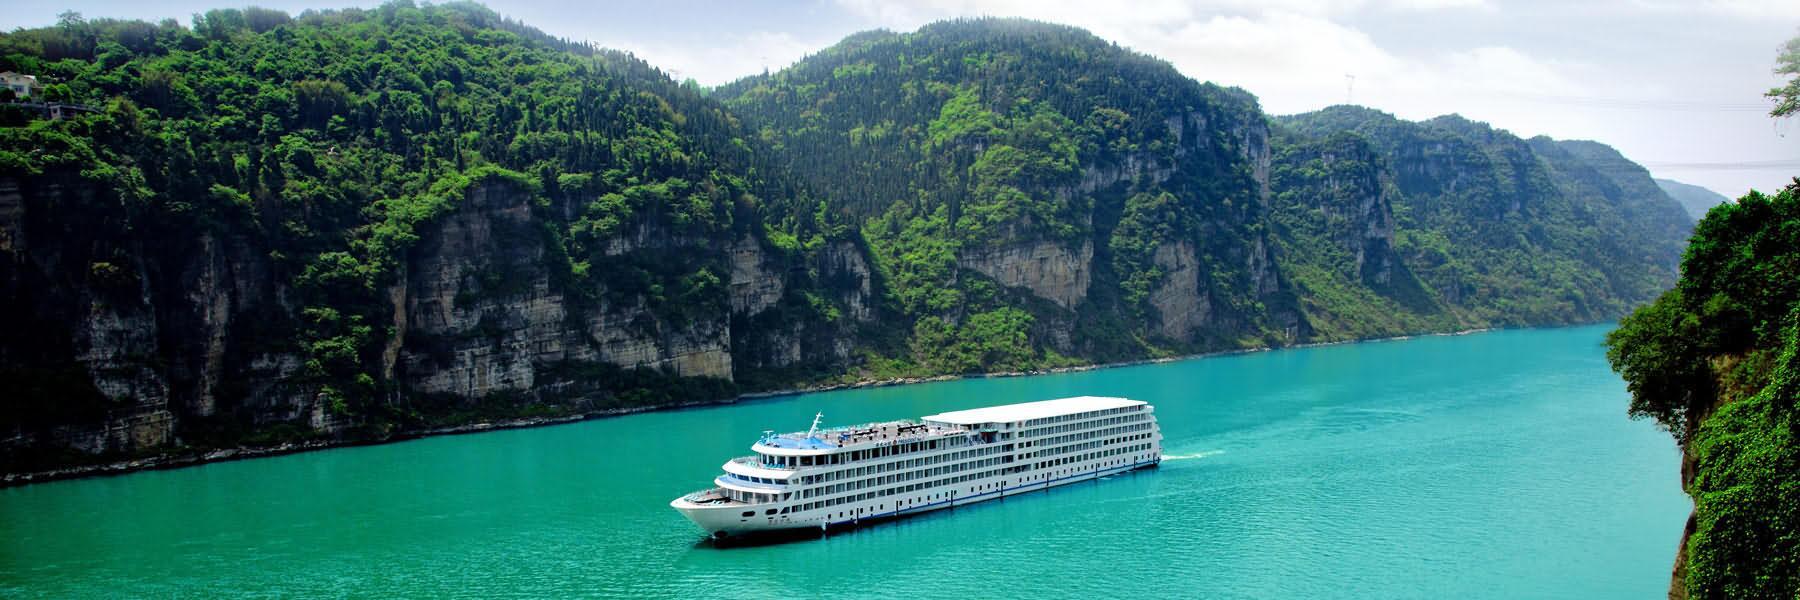 2016 Yangtze Cruise Deals